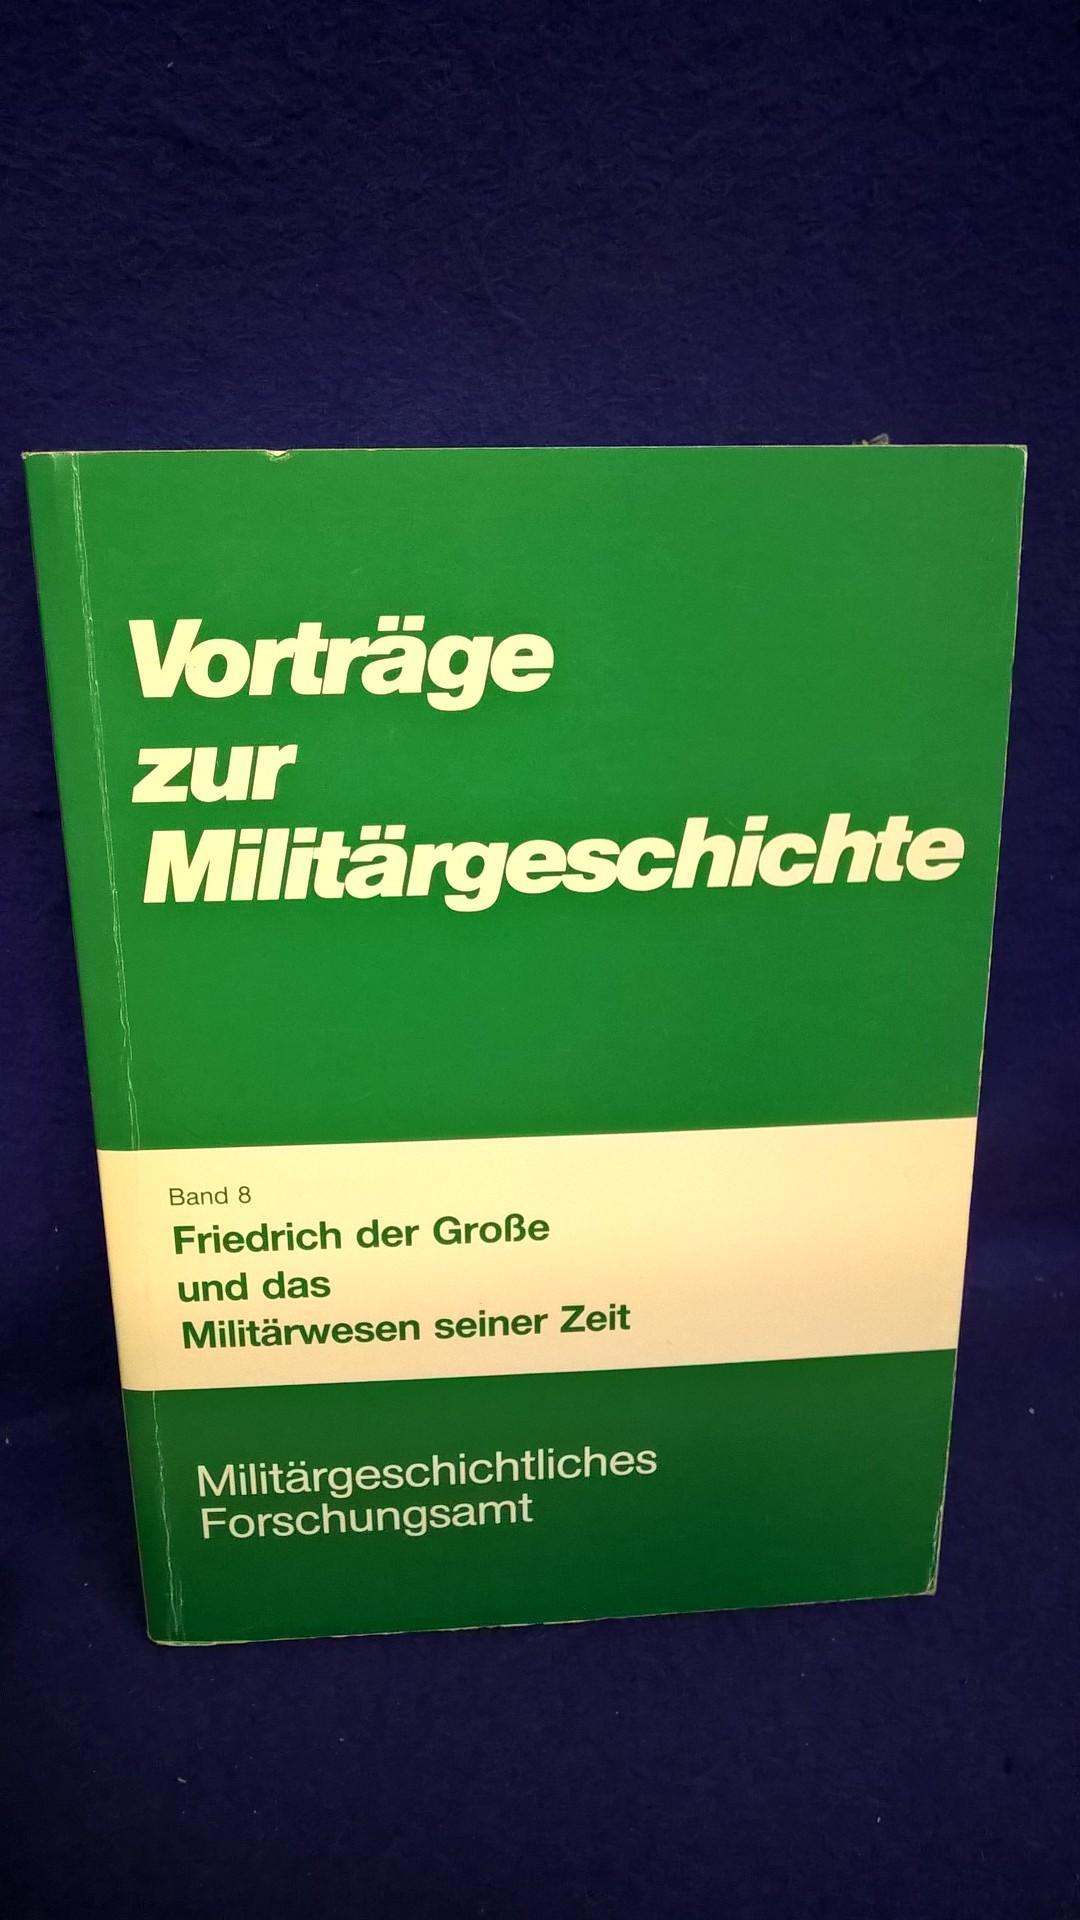 Vorträge zur Militärgeschichte,Band 8: Friedrich der Große und das Militärwesen seiner Zeit